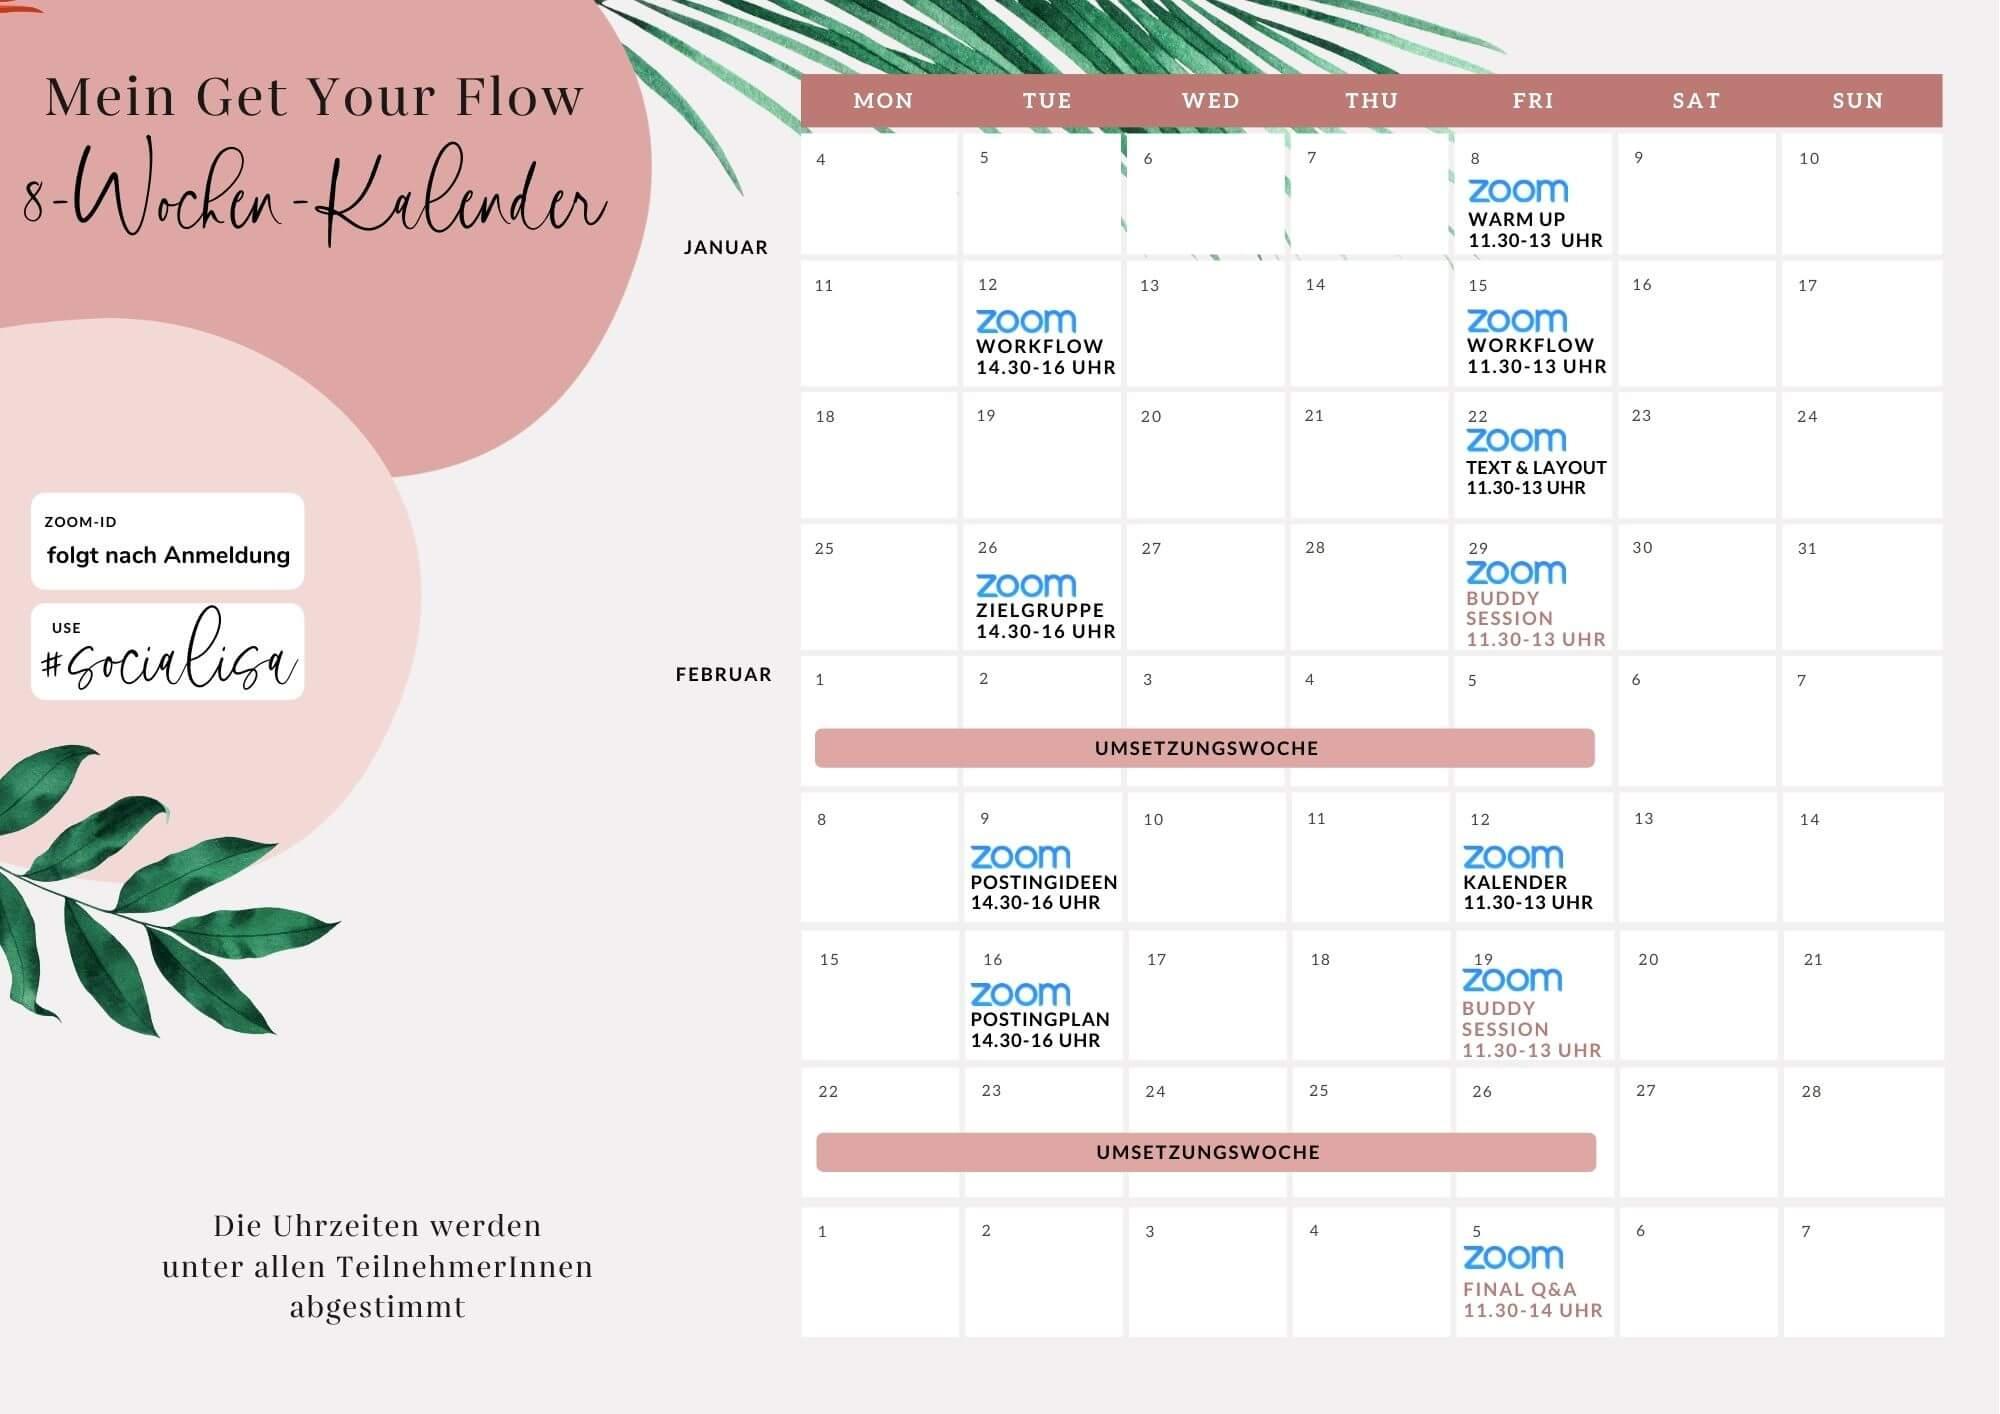 Get Your Flow Zeitplan